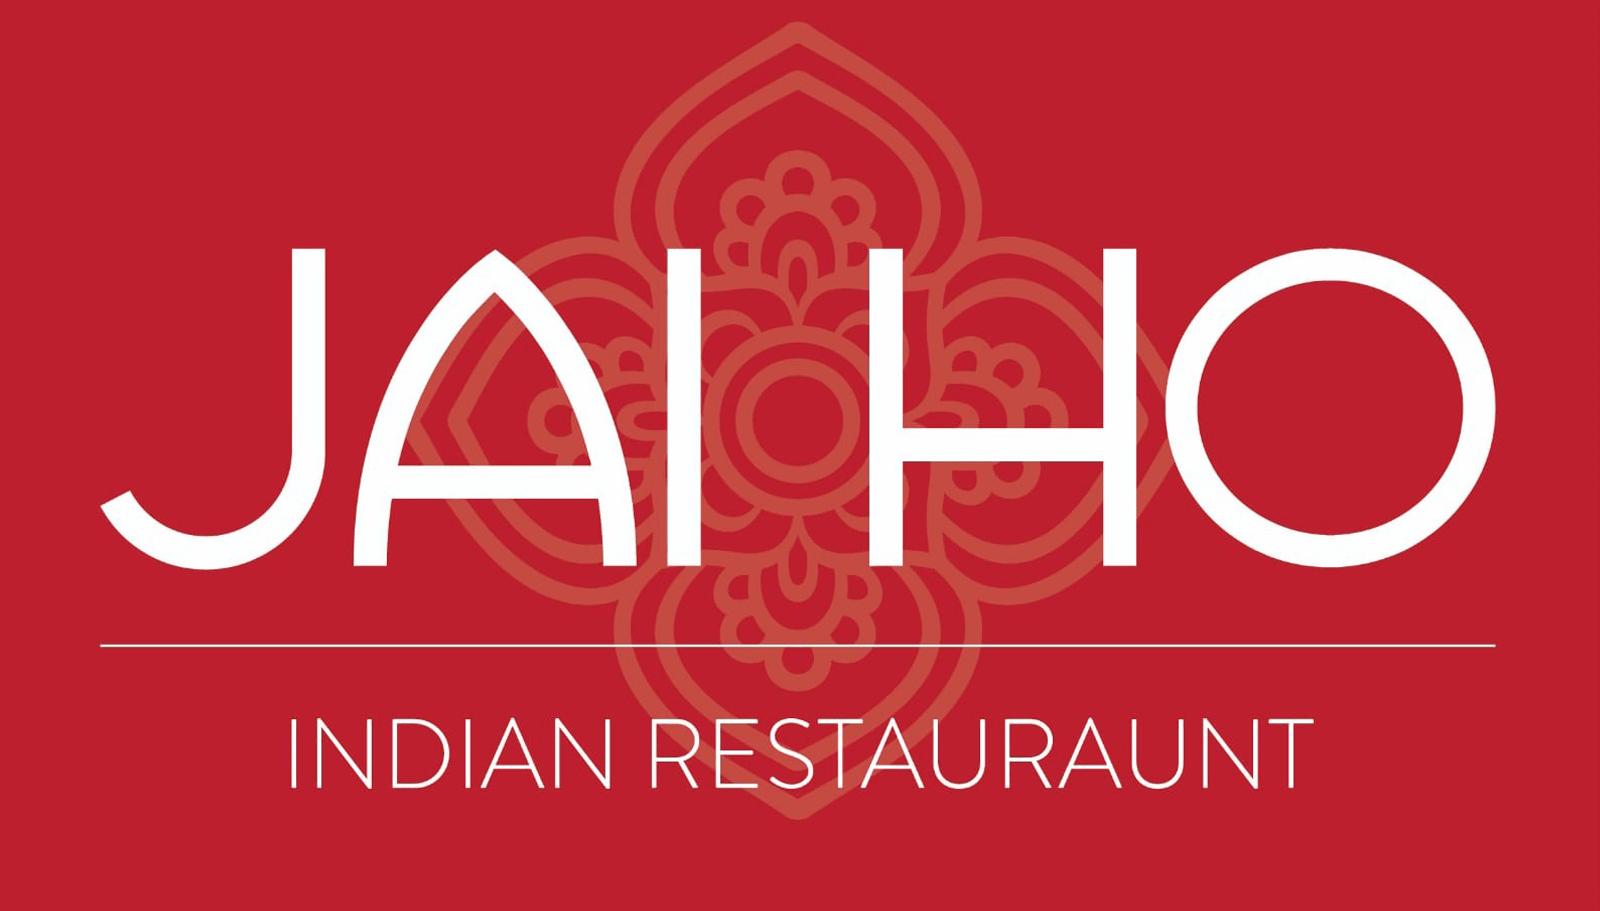 Jaiho Restaurant